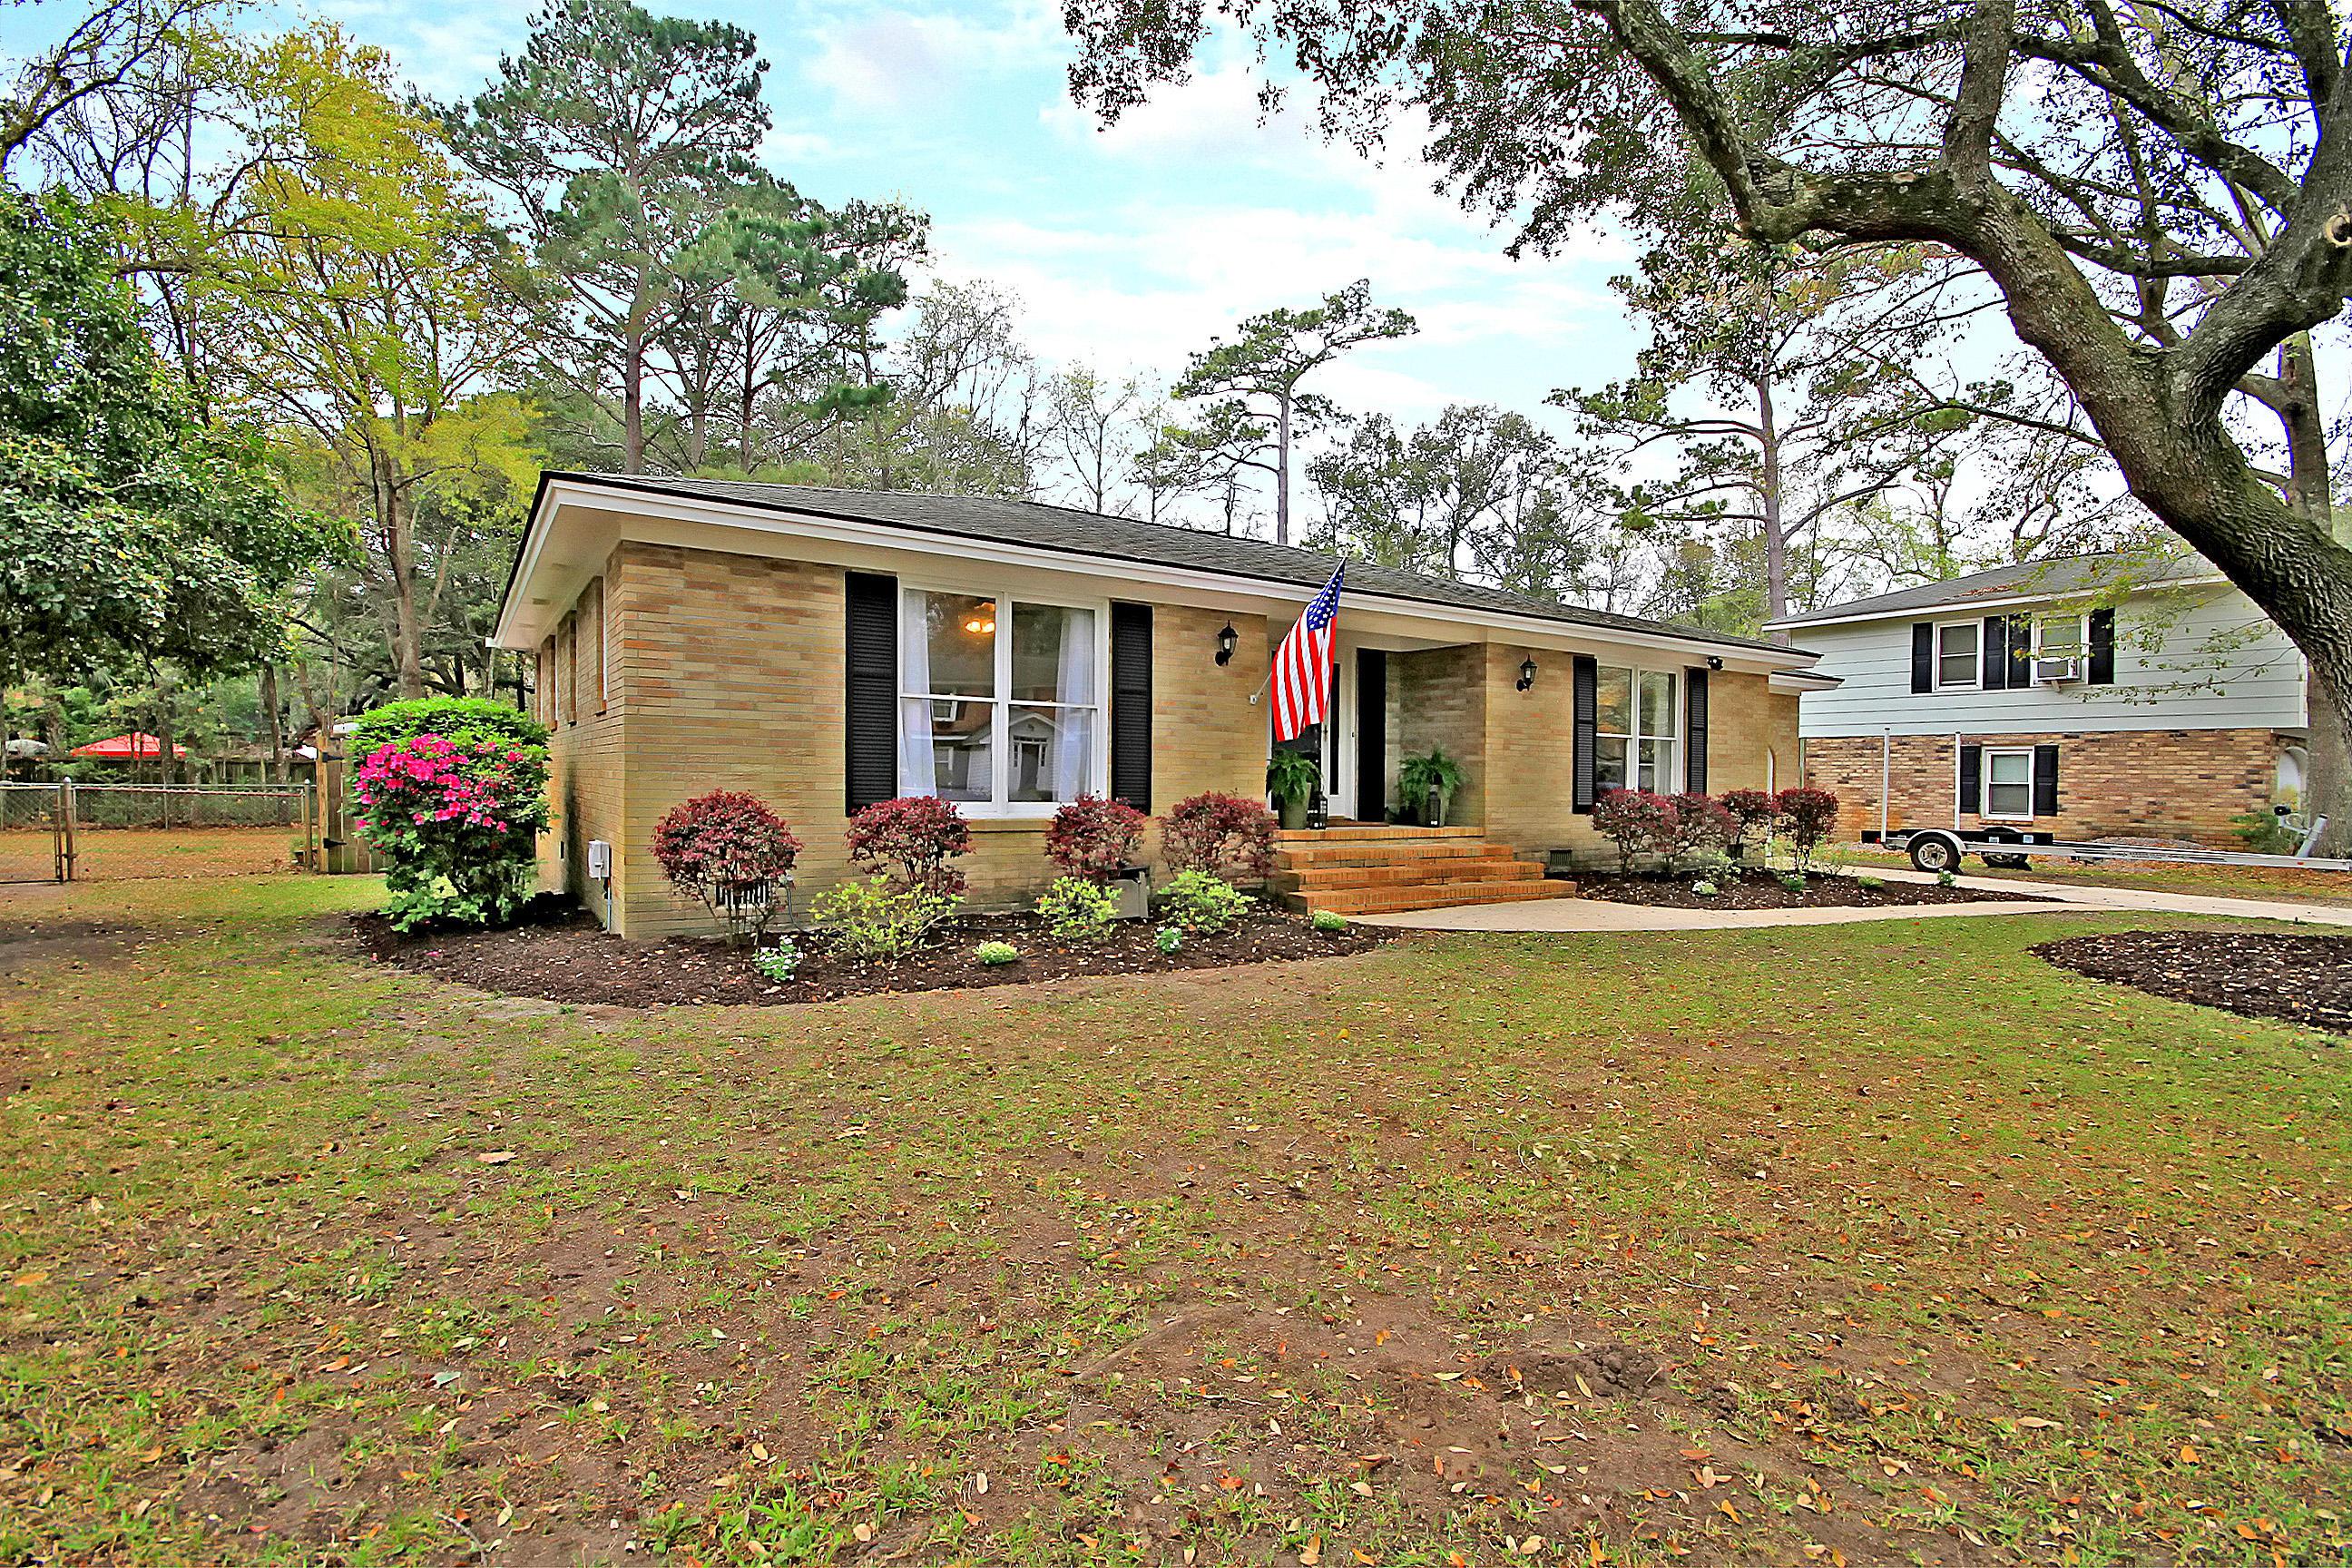 Parish Place Homes For Sale - 815 Abcaw, Mount Pleasant, SC - 2